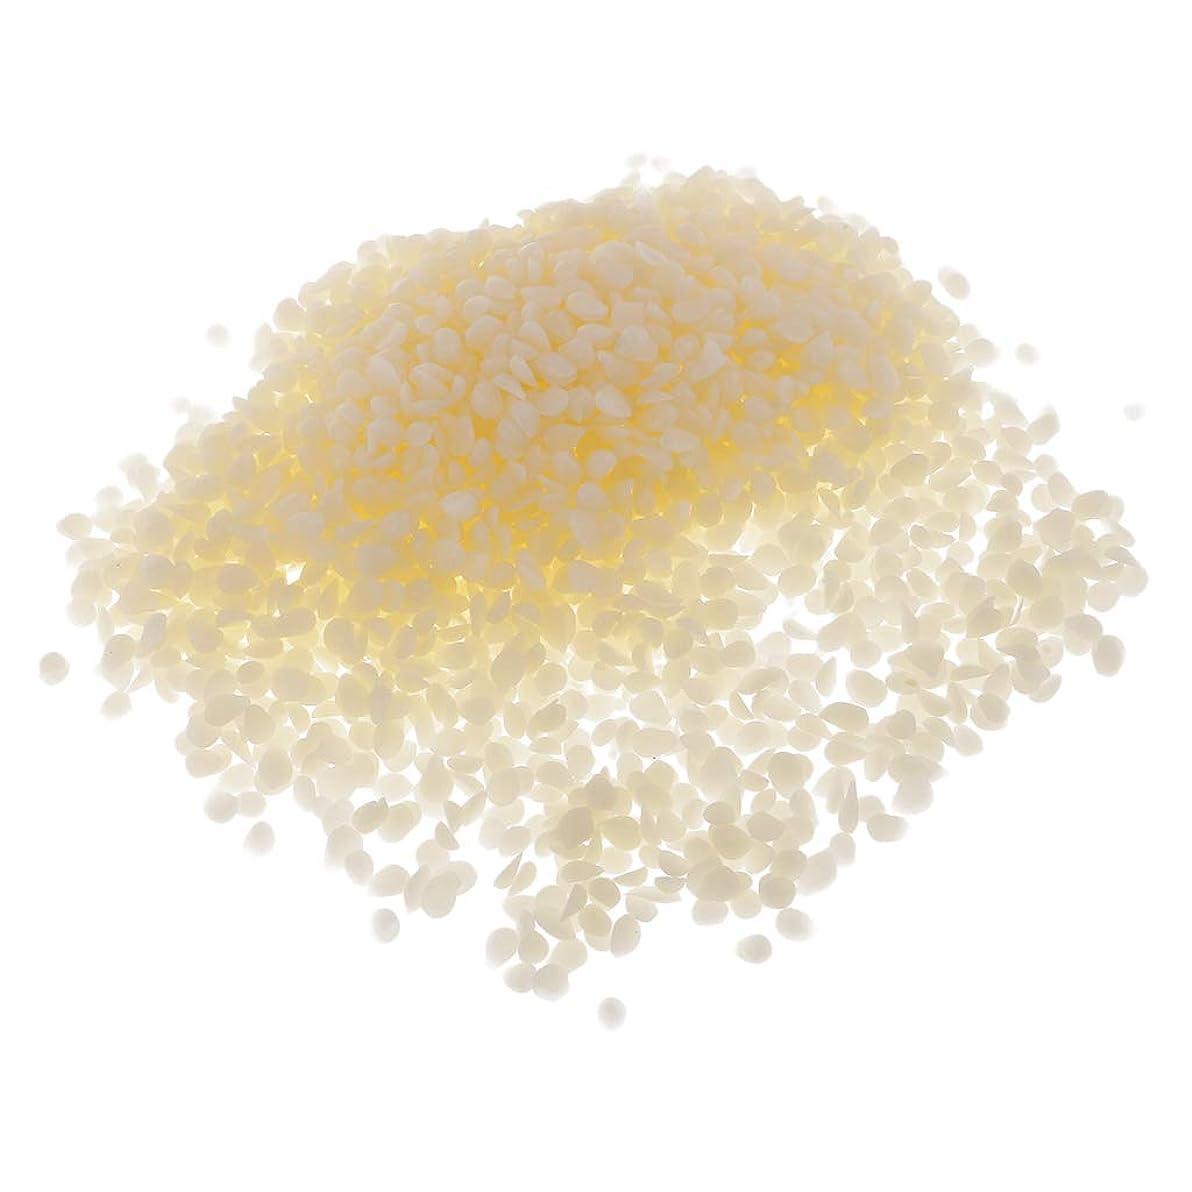 にほとんどない不公平Baoblaze オーガニック ピュアホワイト ミツロウ ペレット 化粧品原料 DIY リップバーム原料 約100g